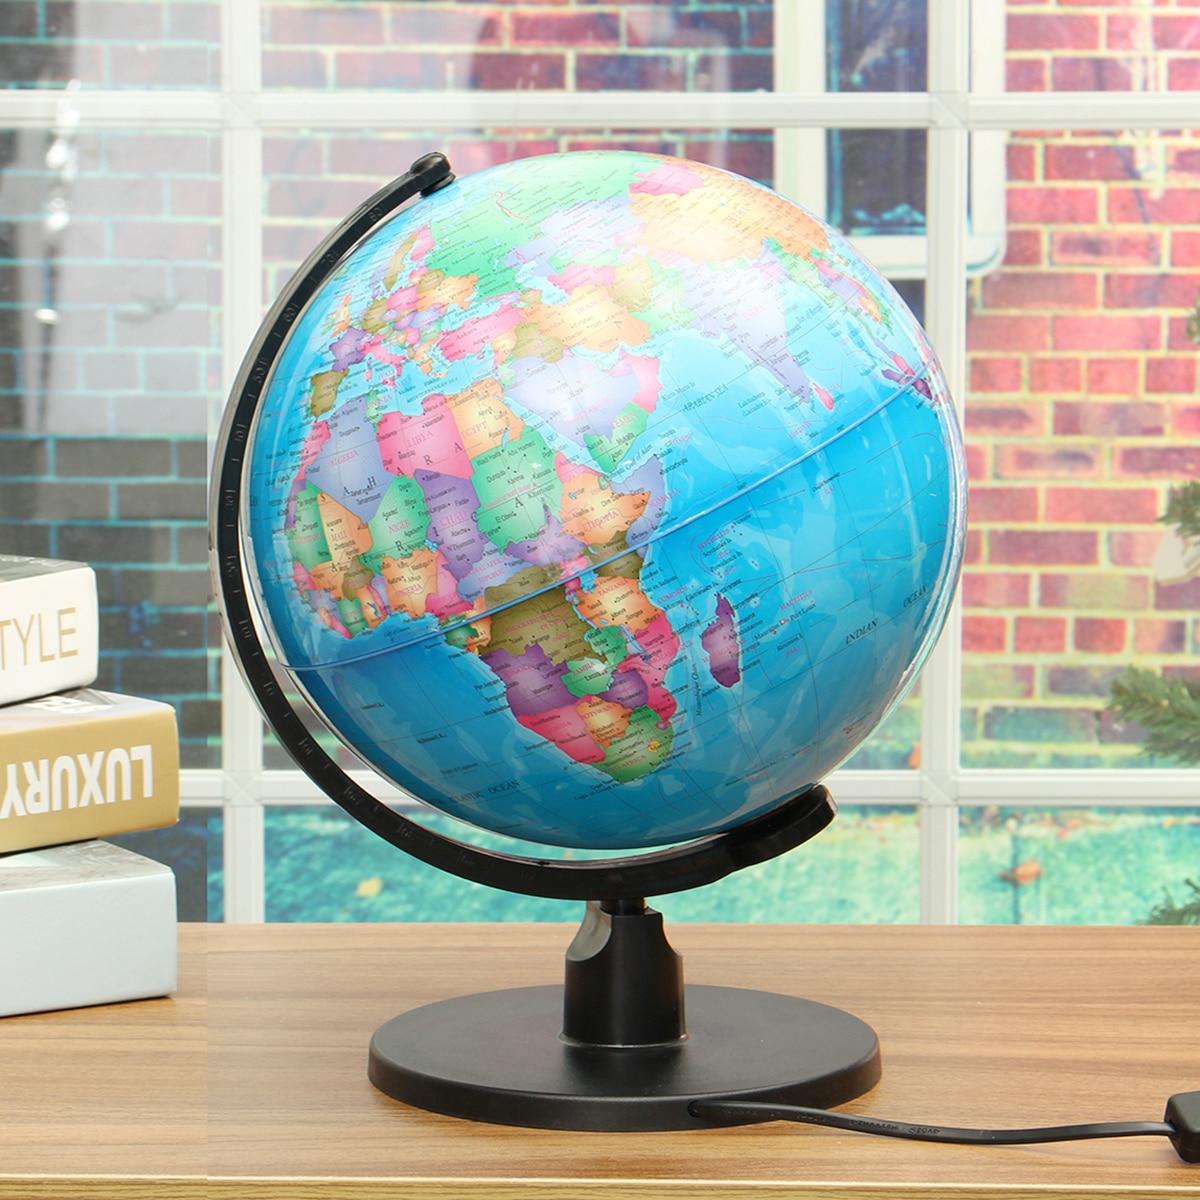 Luz led mundo terra globo mapa geografia brinquedo educacional com suporte de escritório em casa ideal miniaturas presente gadgets escritório